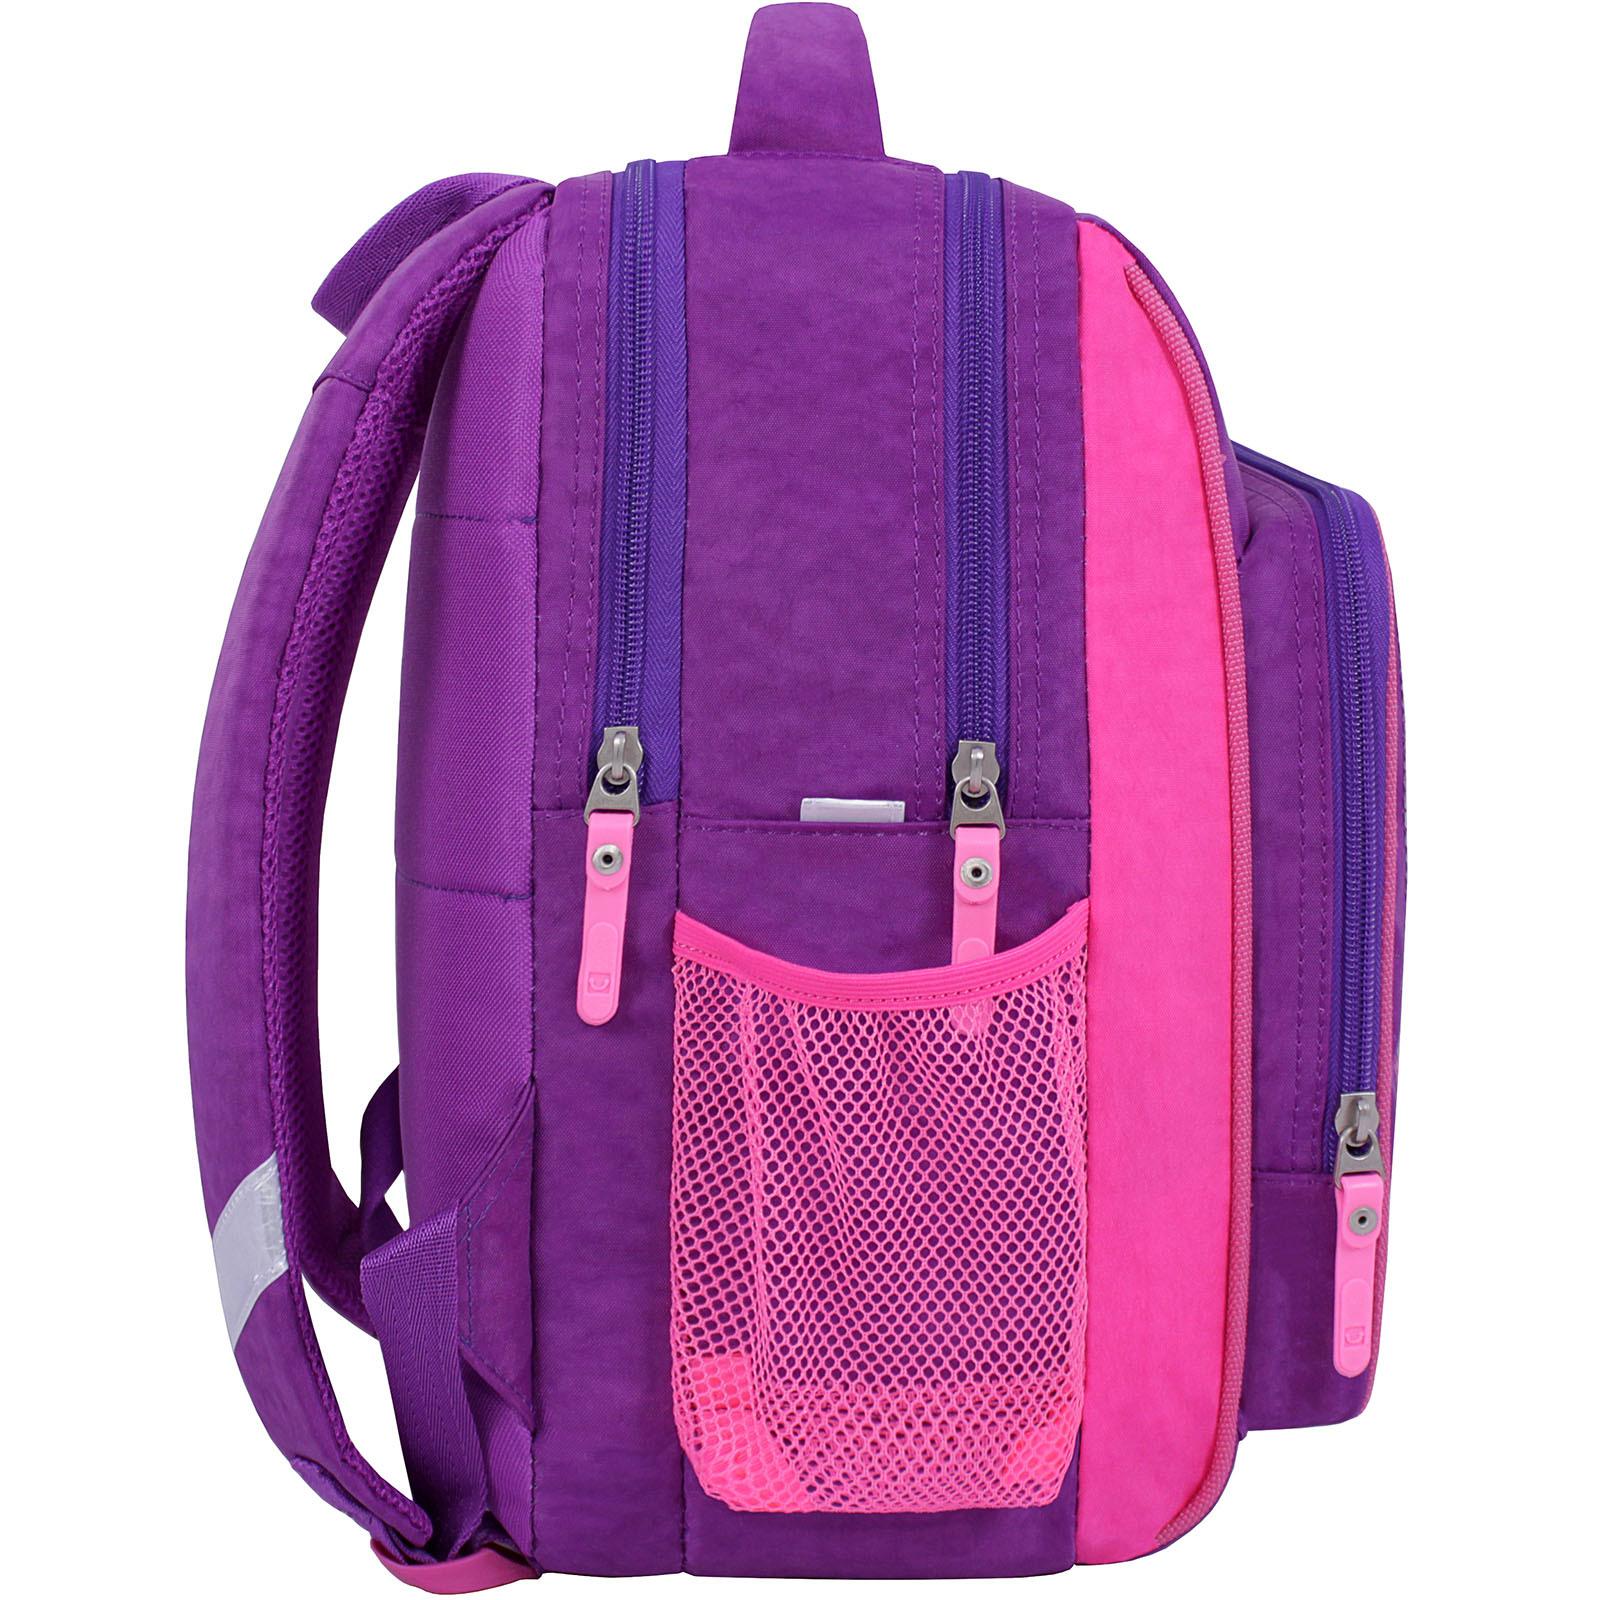 Рюкзак школьный Bagland Школьник 8 л. Фиолетовый 502 (00112702) фото 2